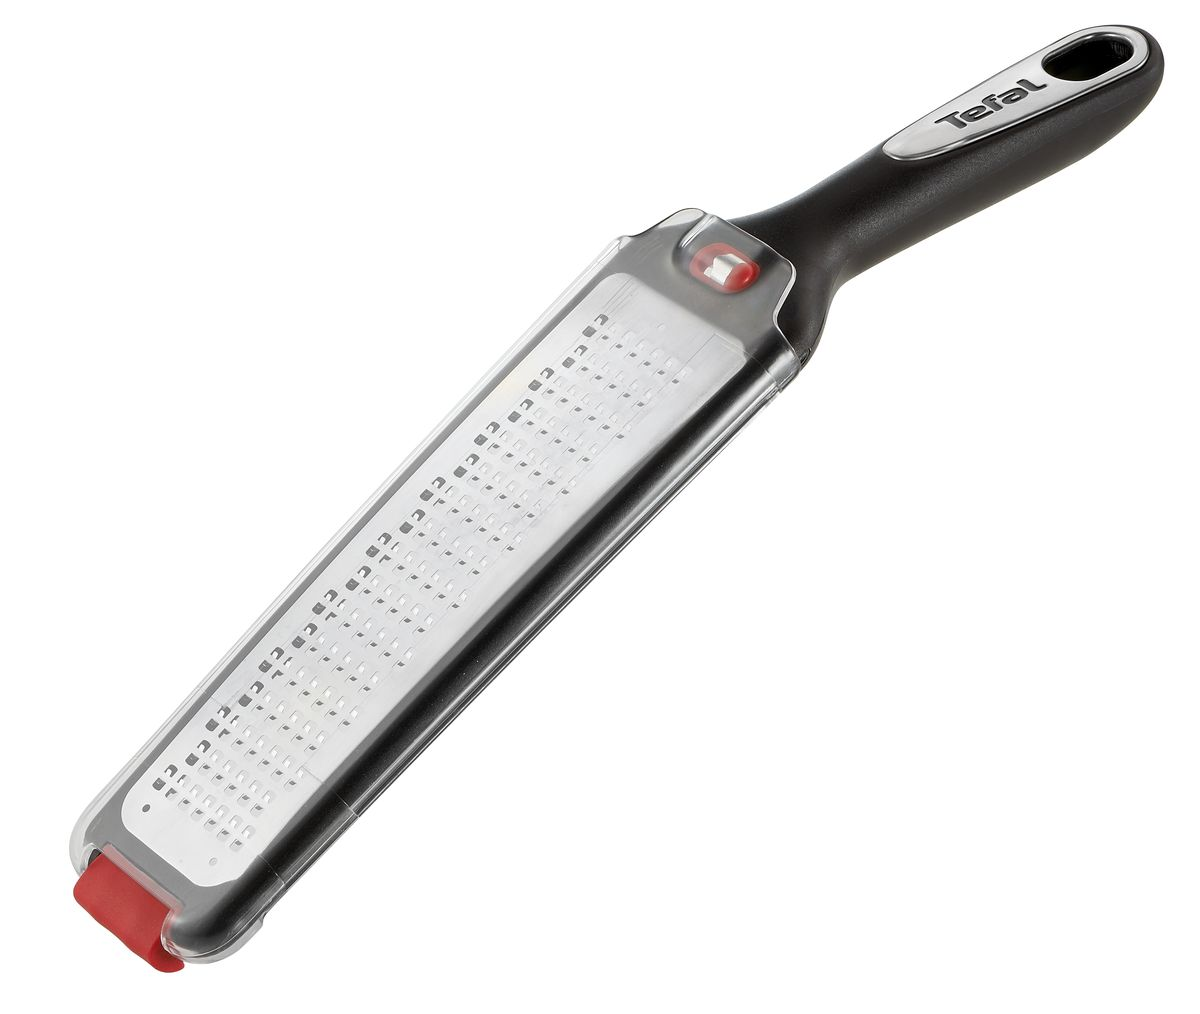 Терка Tefal Ingenio, плоская, с ручкойK2070714Терка Tefal Ingenio изготовлена из высококачественной нержавеющей стали. Изделие снабжено лезвиями для крупной терки. Благодаря удобной пластиковой ручке терку удобно использовать и приятно держать в руках. На ручке имеется отверстие для подвешивания. В комплект входит держатель для овощей и фруктов.